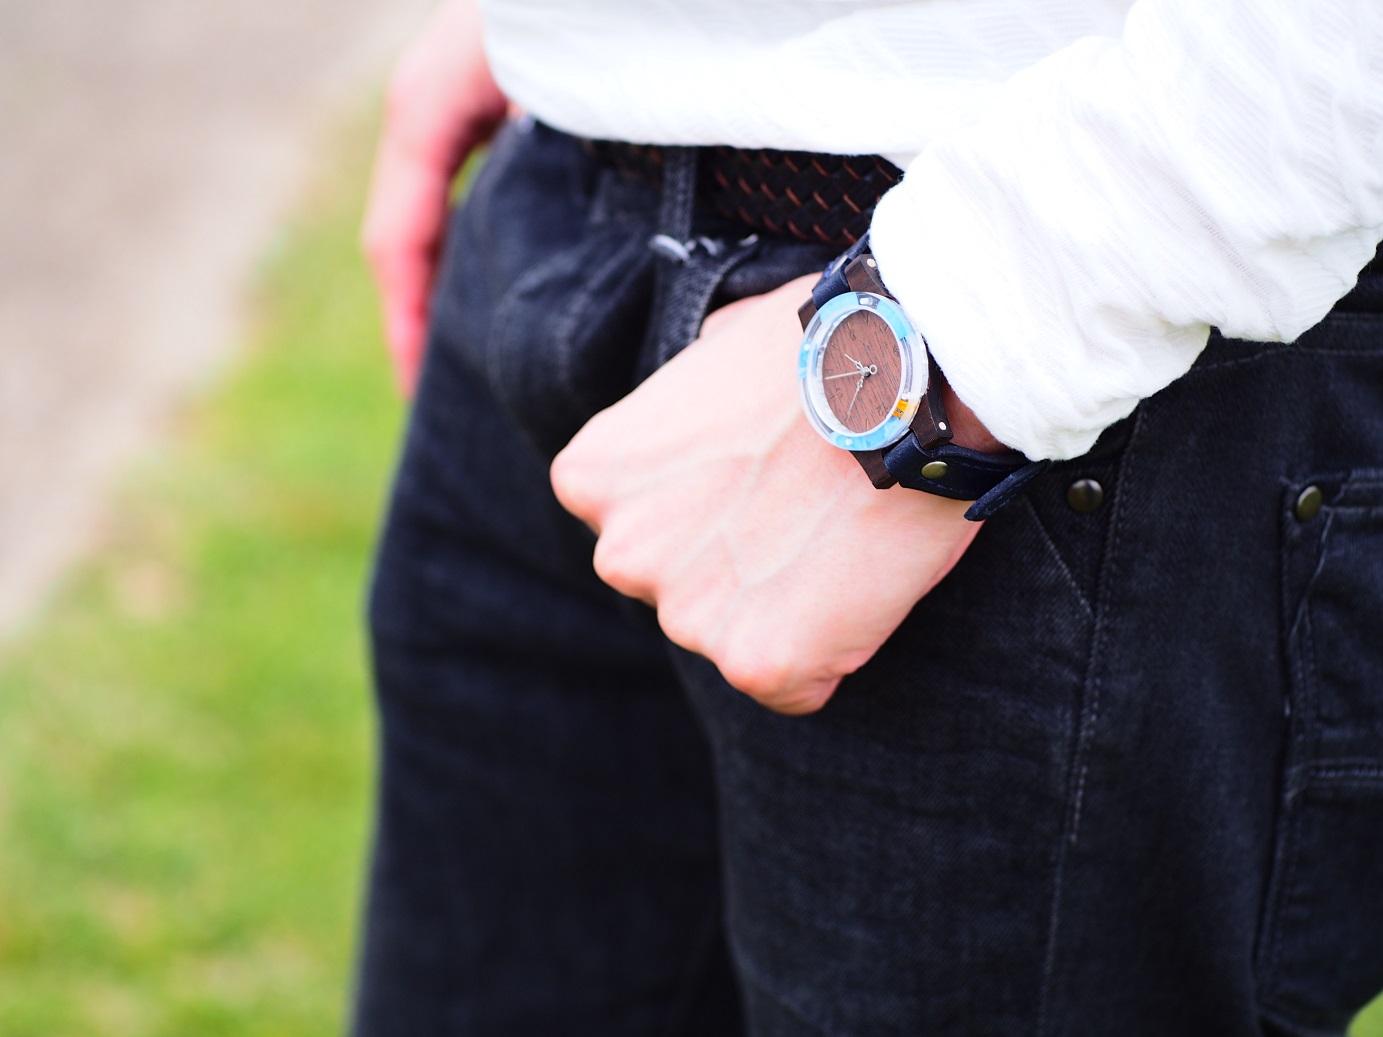 青色が奇麗すぎる押し花木製腕時計